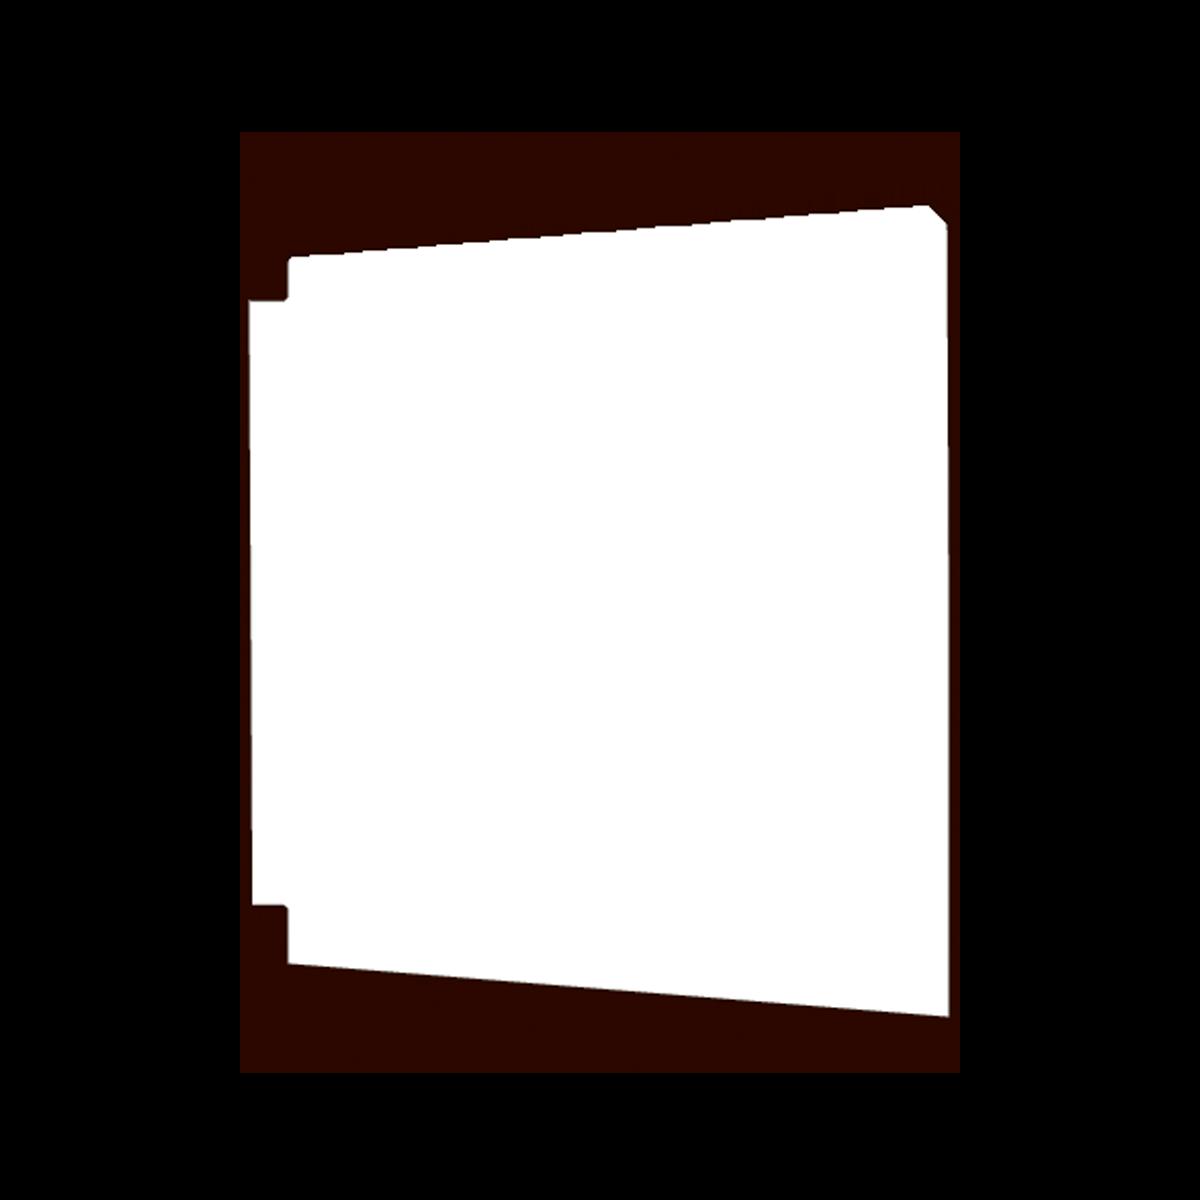 Multi-seal påboringstætning til plastrør